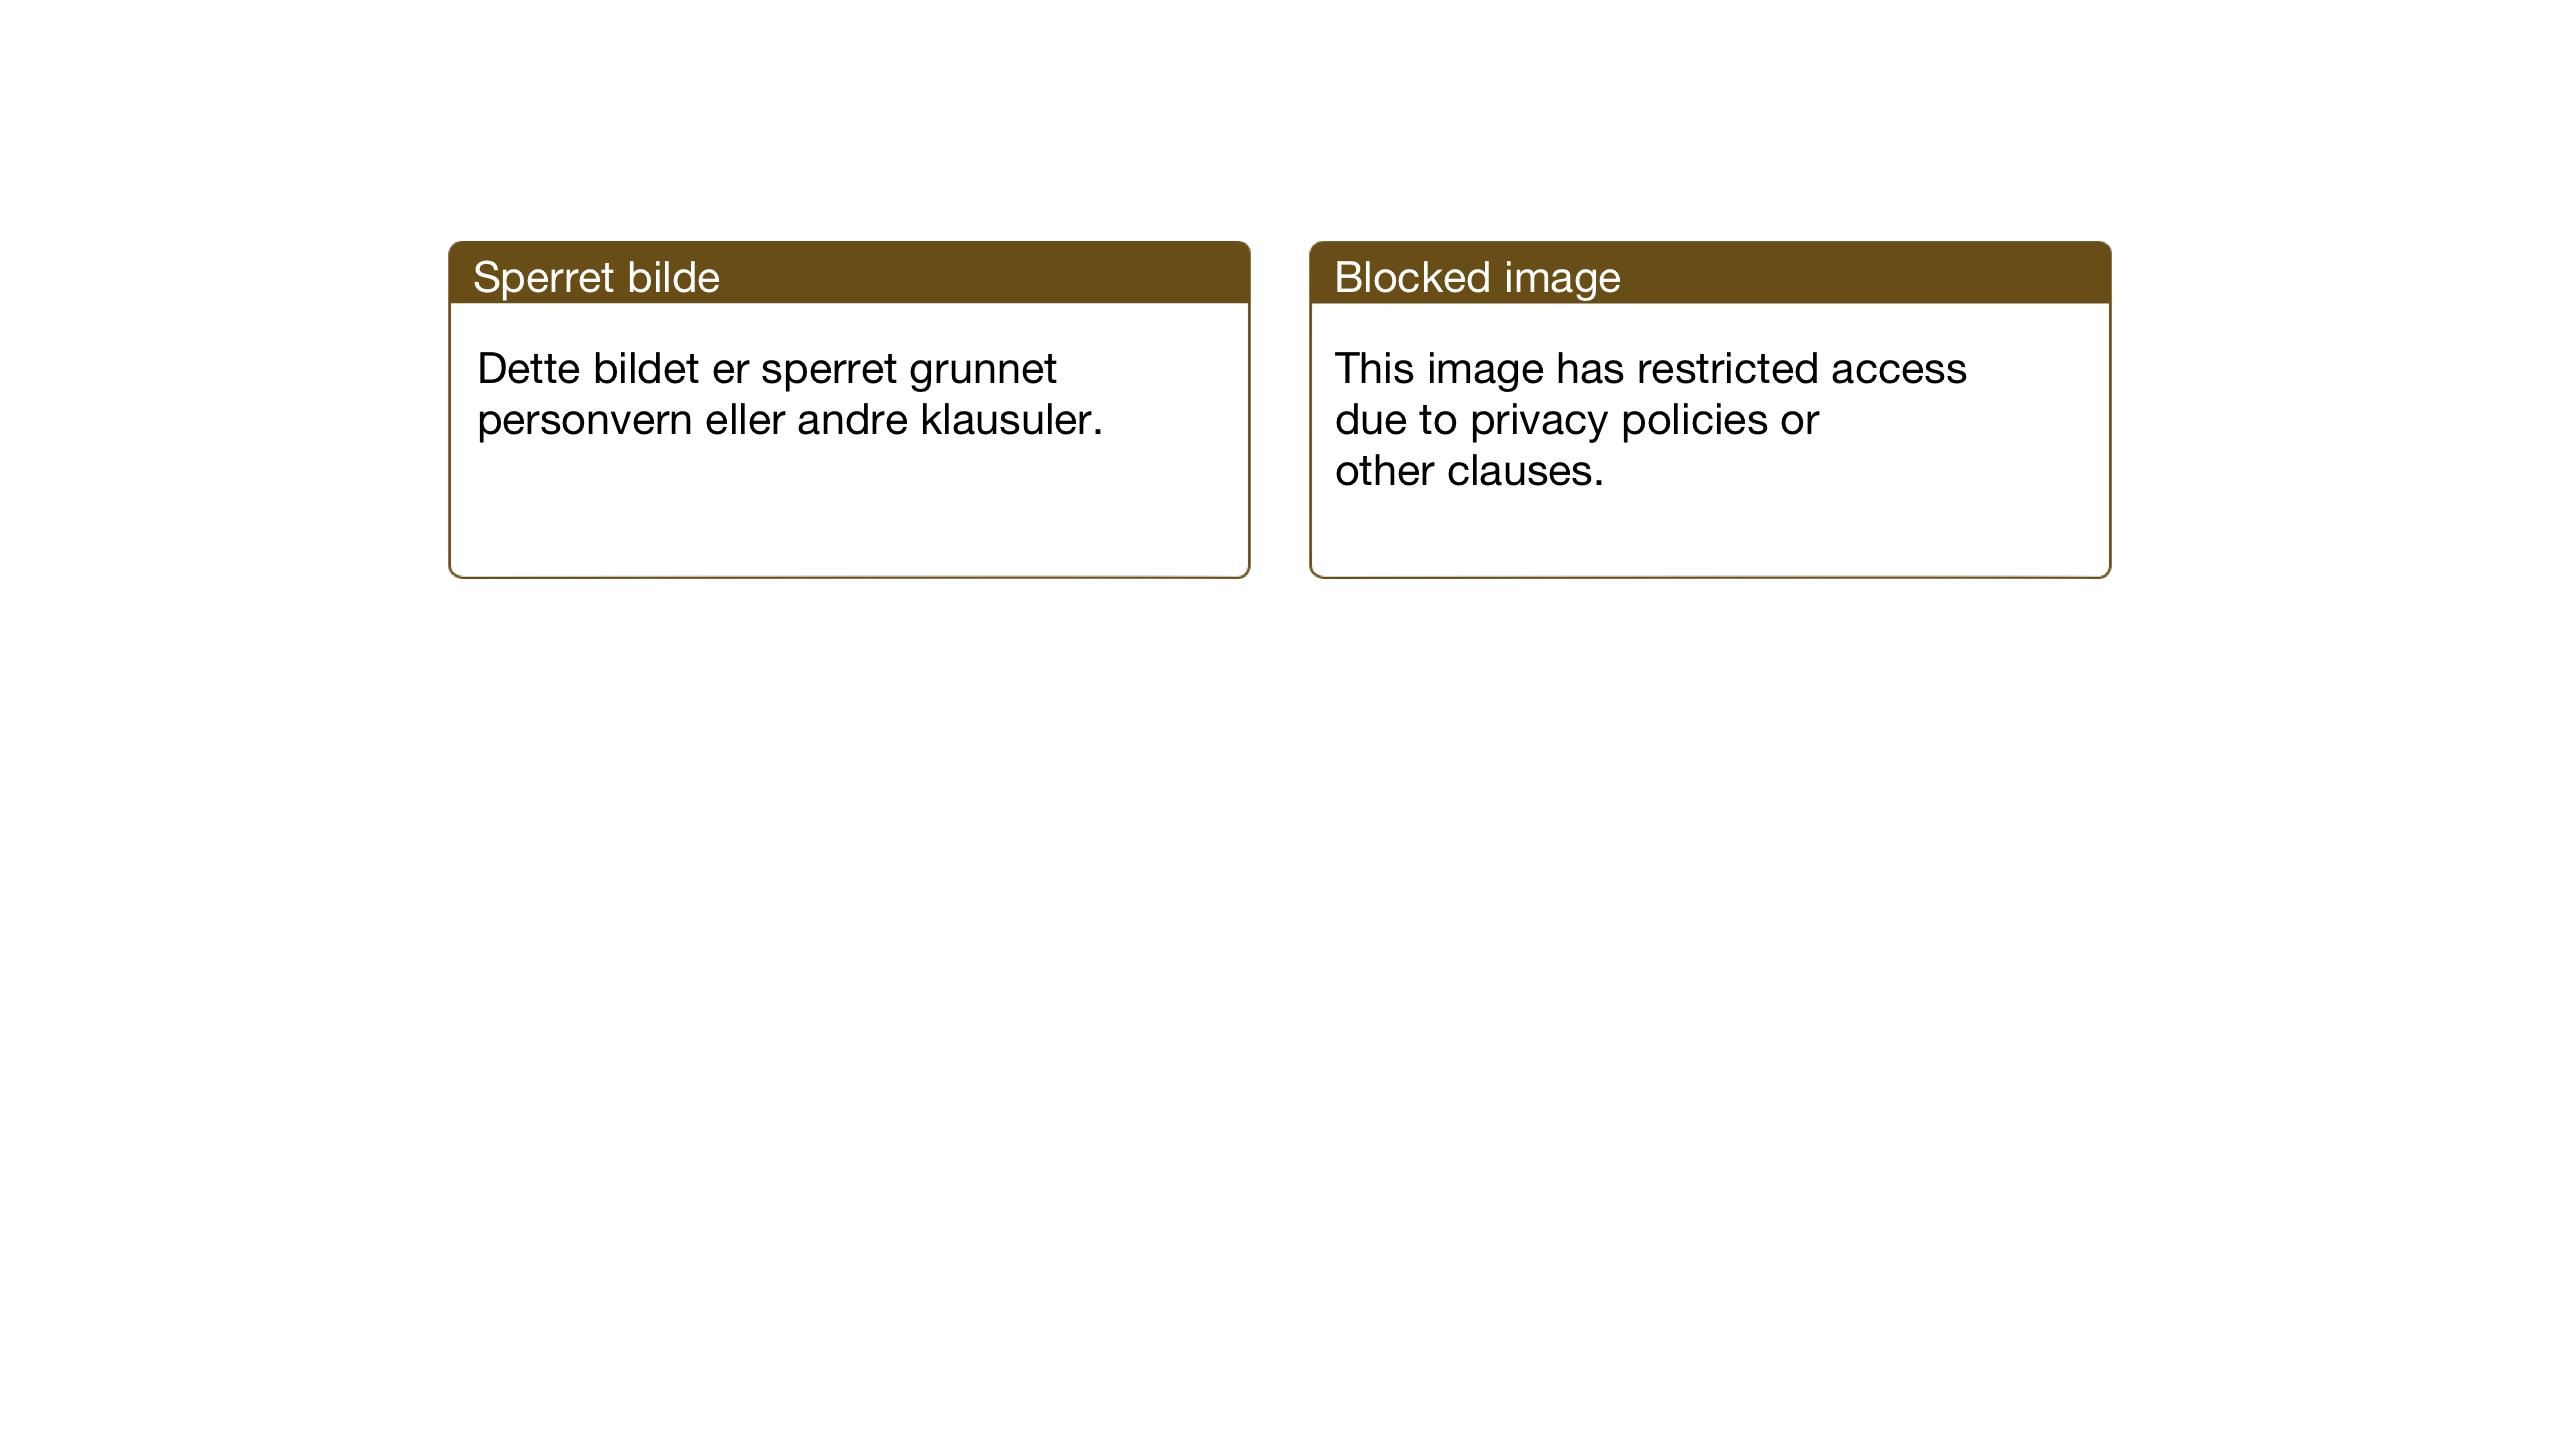 SAT, Ministerialprotokoller, klokkerbøker og fødselsregistre - Sør-Trøndelag, 604/L0208: Ministerialbok nr. 604A28, 1923-1937, s. 241